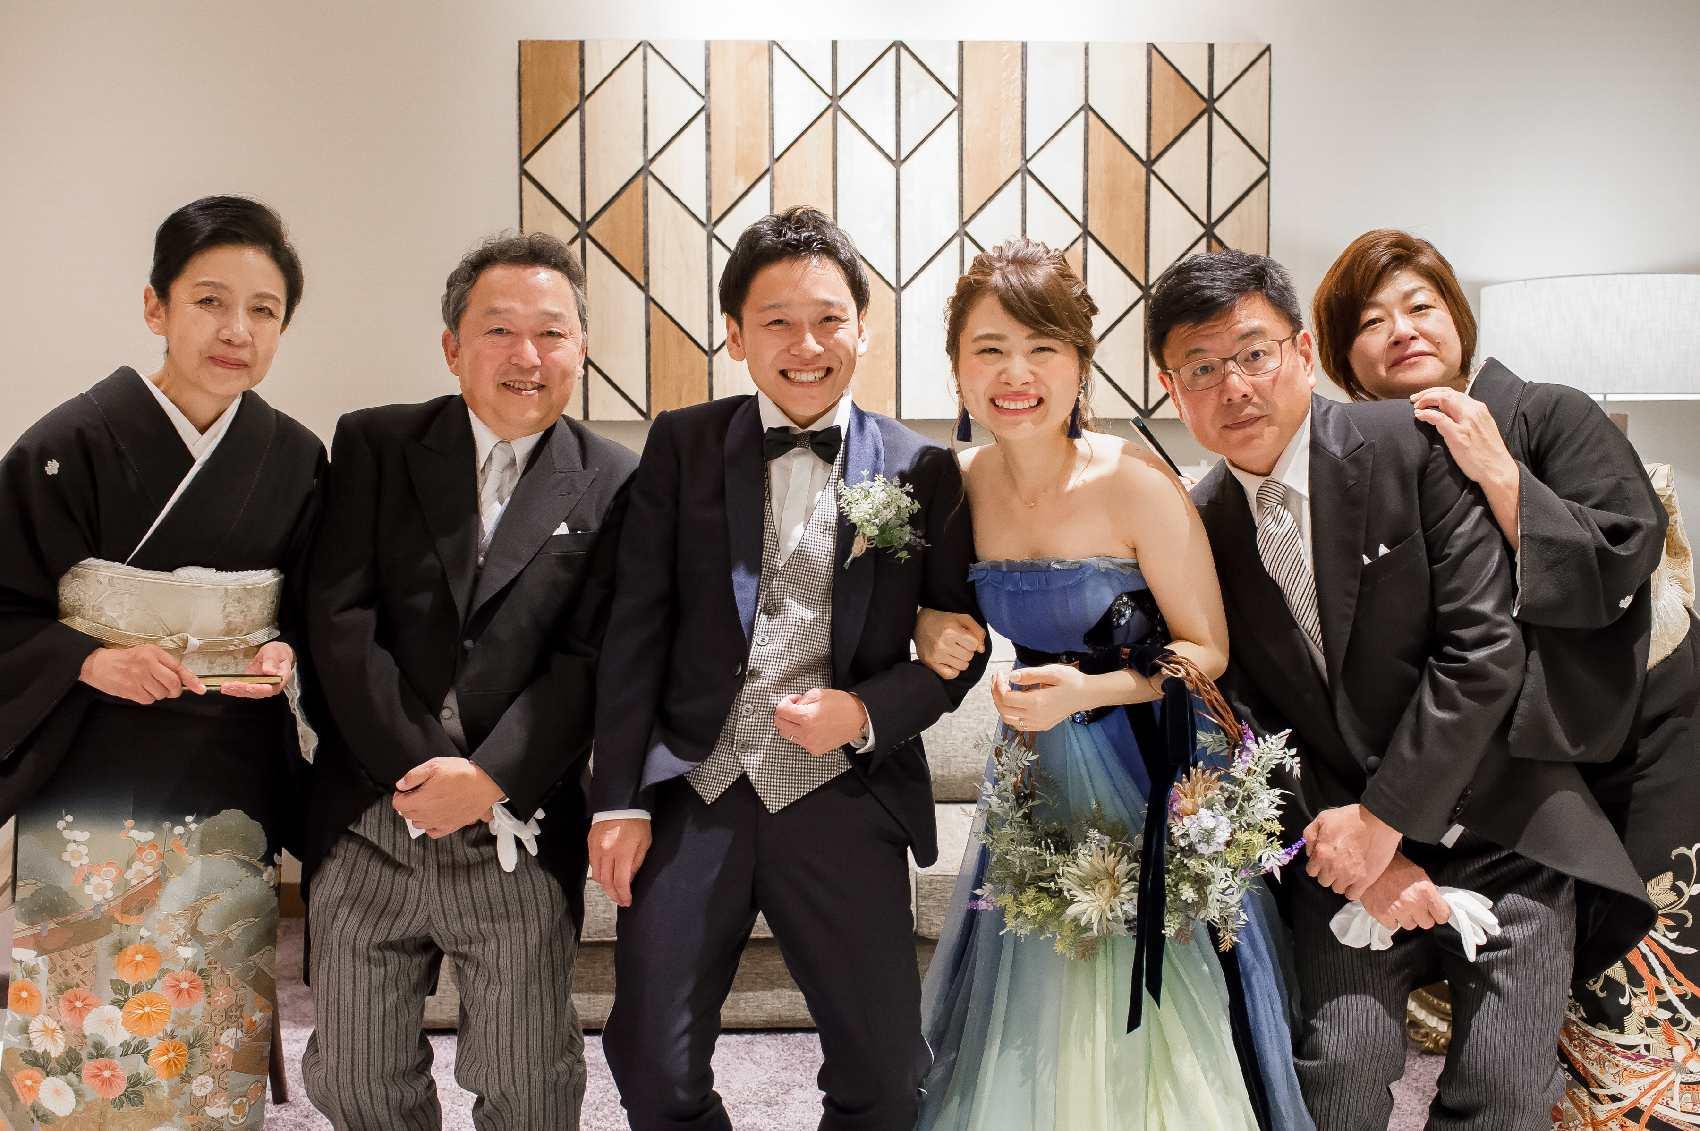 香川県高松市の結婚式場アナザースタイルの結婚式後に両家での記念写真